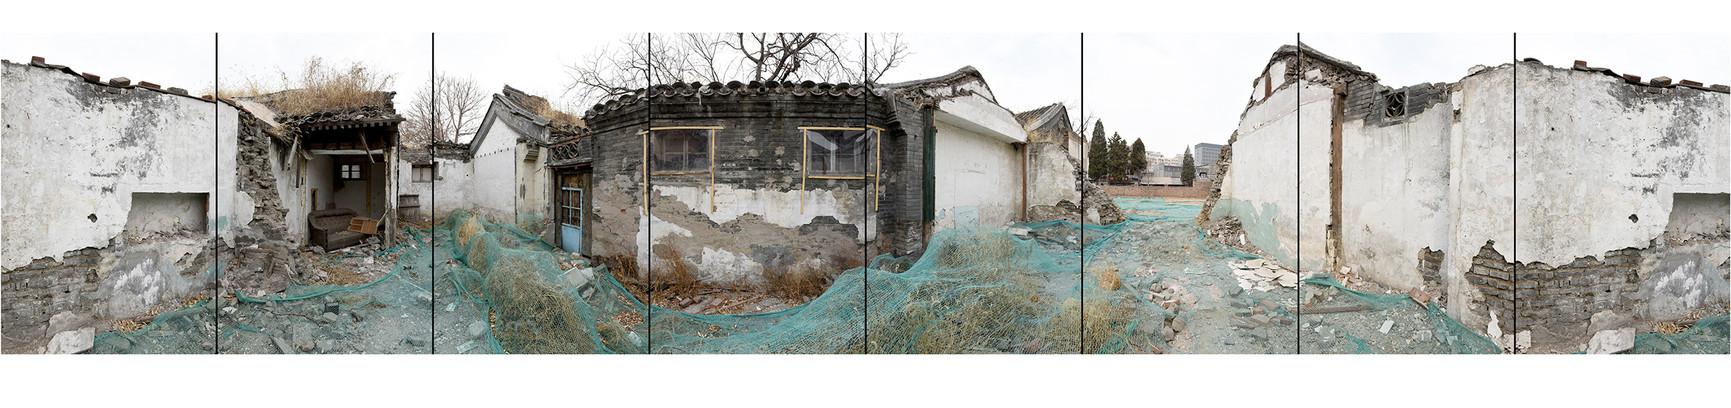 北京废墟10.jpg